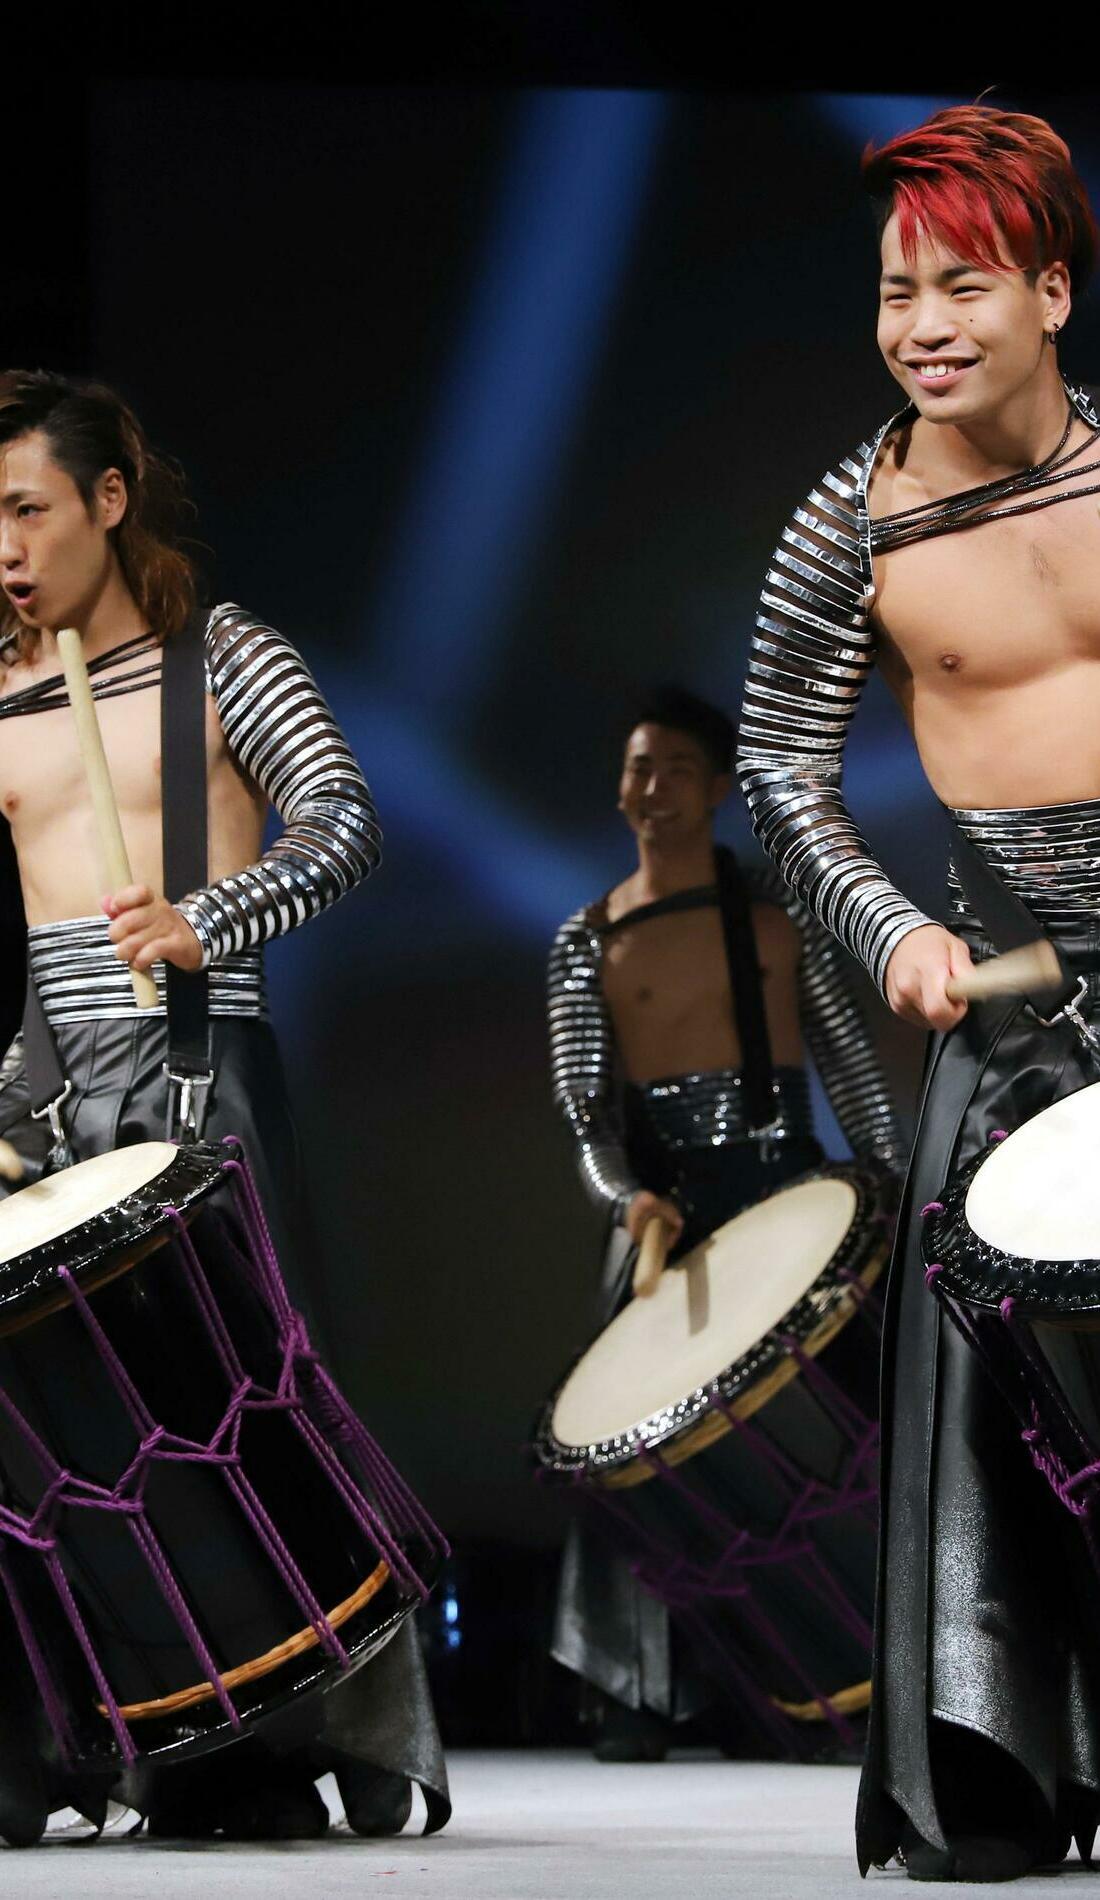 A Drum Tao live event